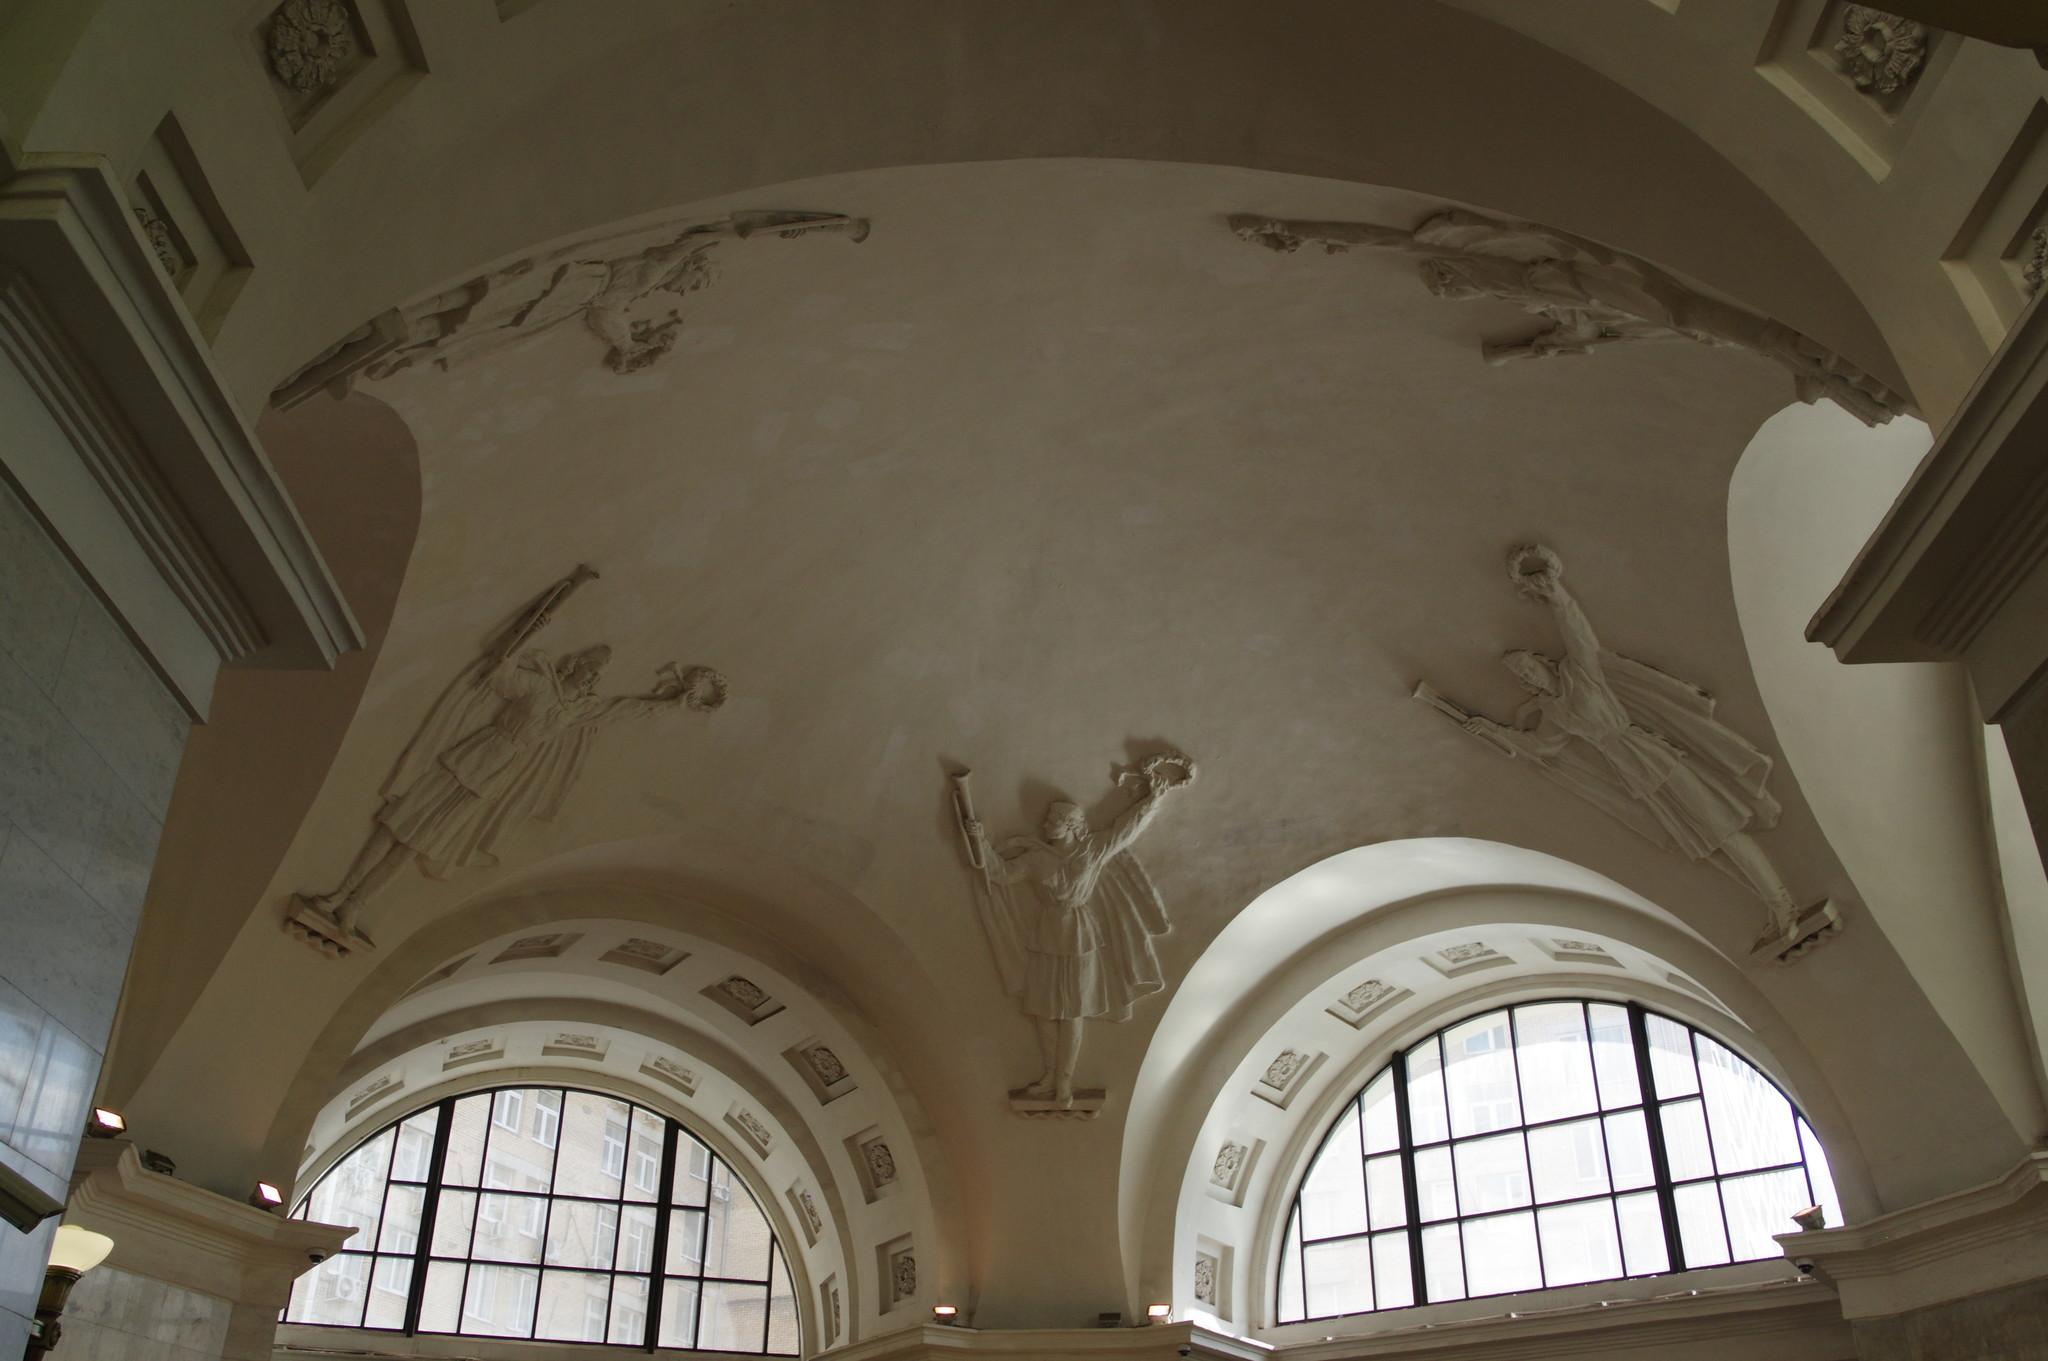 Барельефы на потолке вестибюля станции «Октябрьская» Кольцевой линии Московского метрополитена